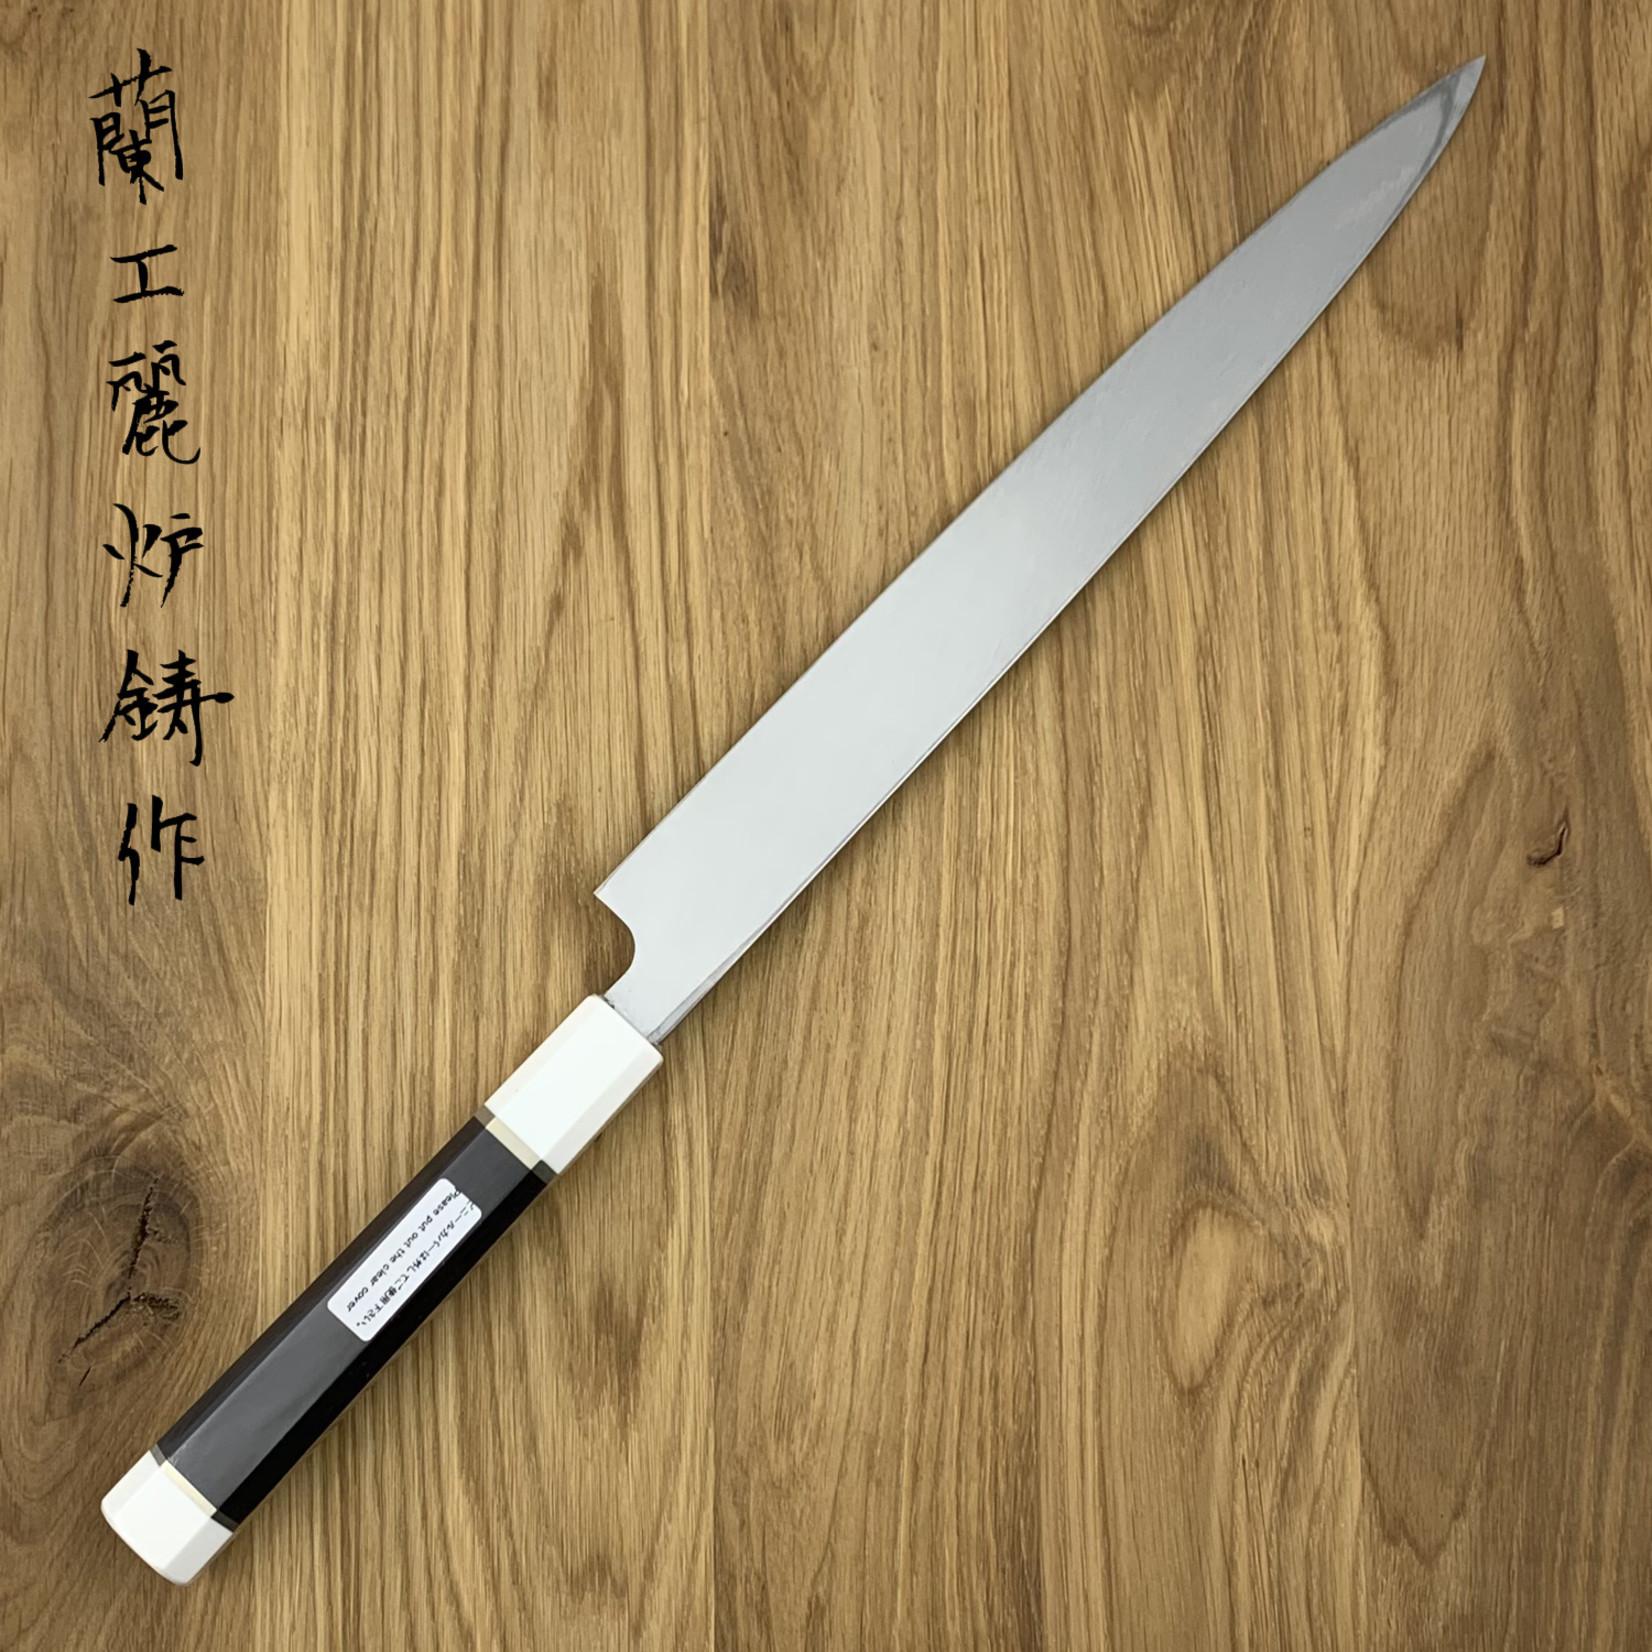 SAKAI TAKAYUKI Ginryu Sashimi 300 mm 02263